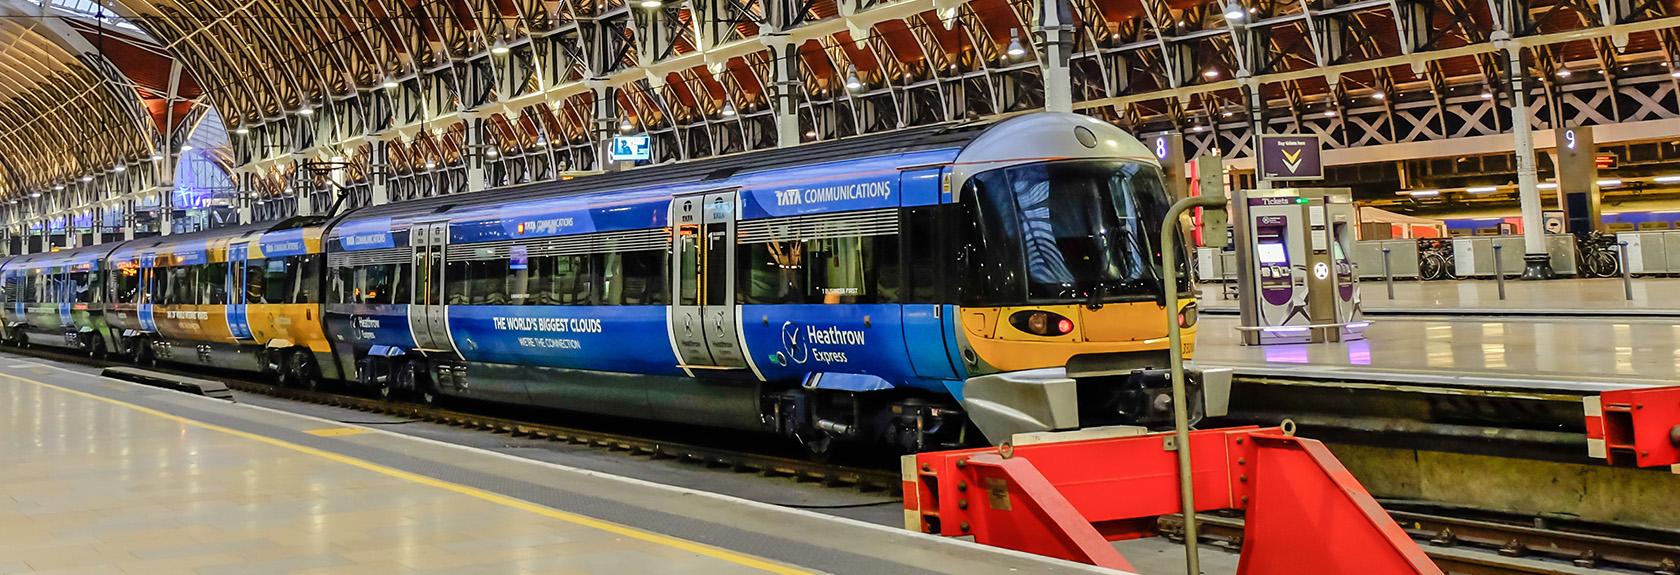 Heathrow Express trein